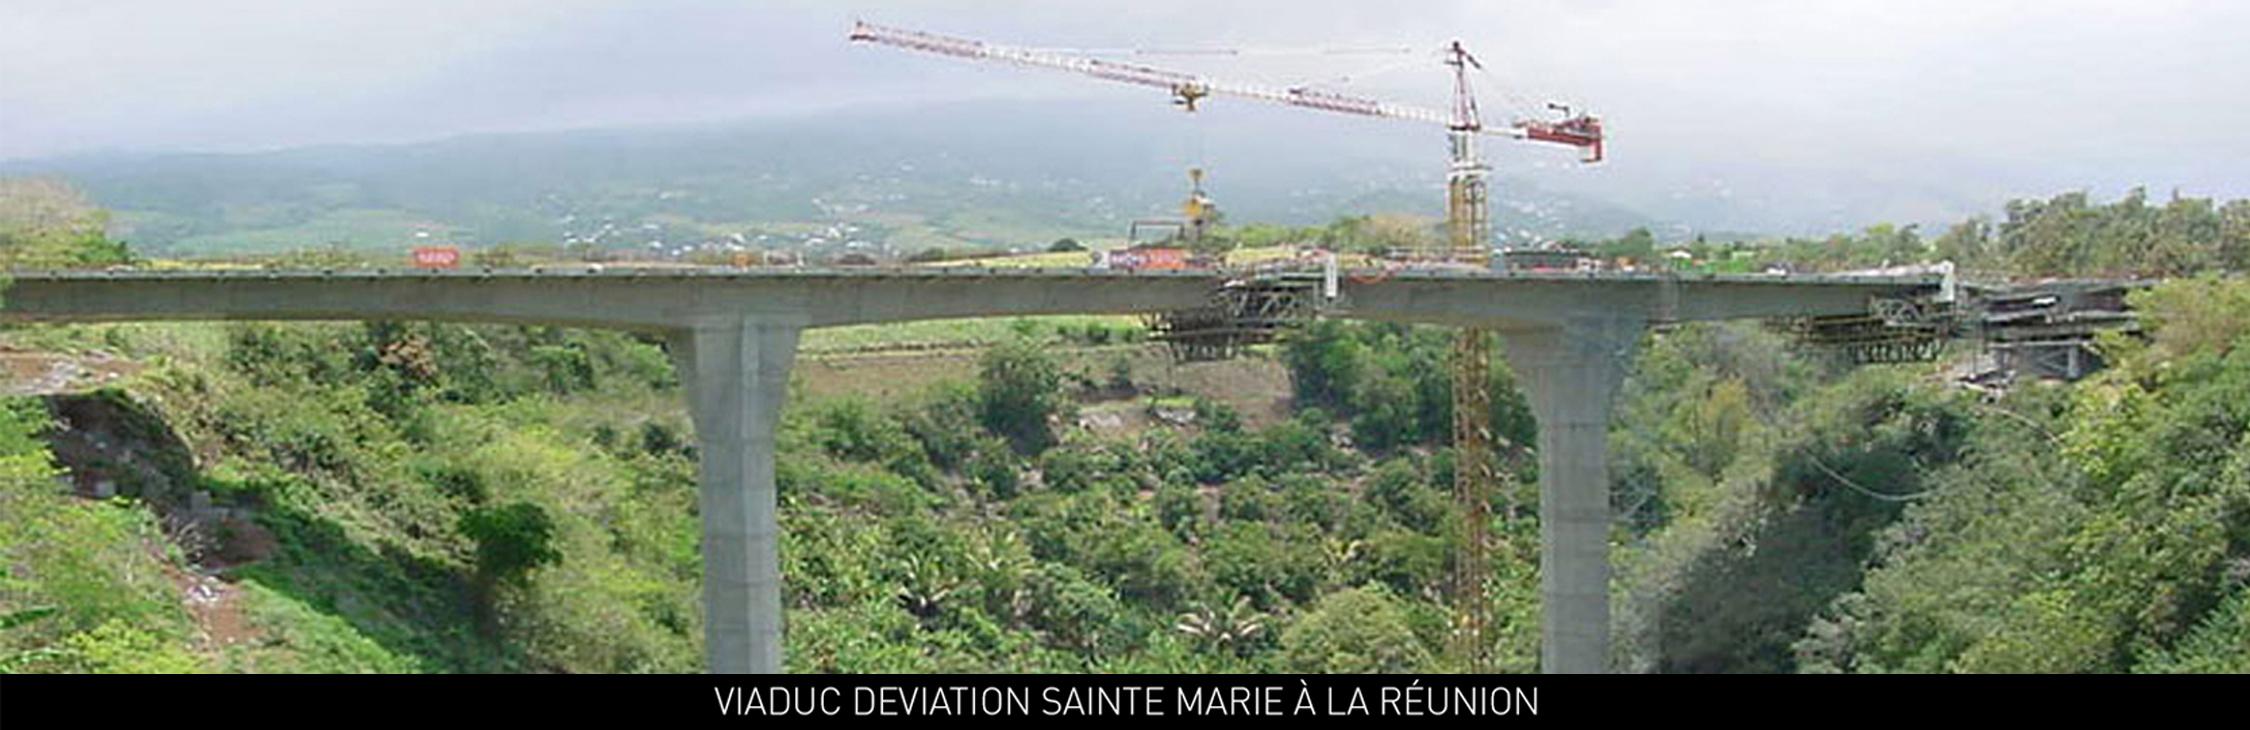 F:CES.DFCagne sur MerCagne sur MerTravail_CESPlans de trava